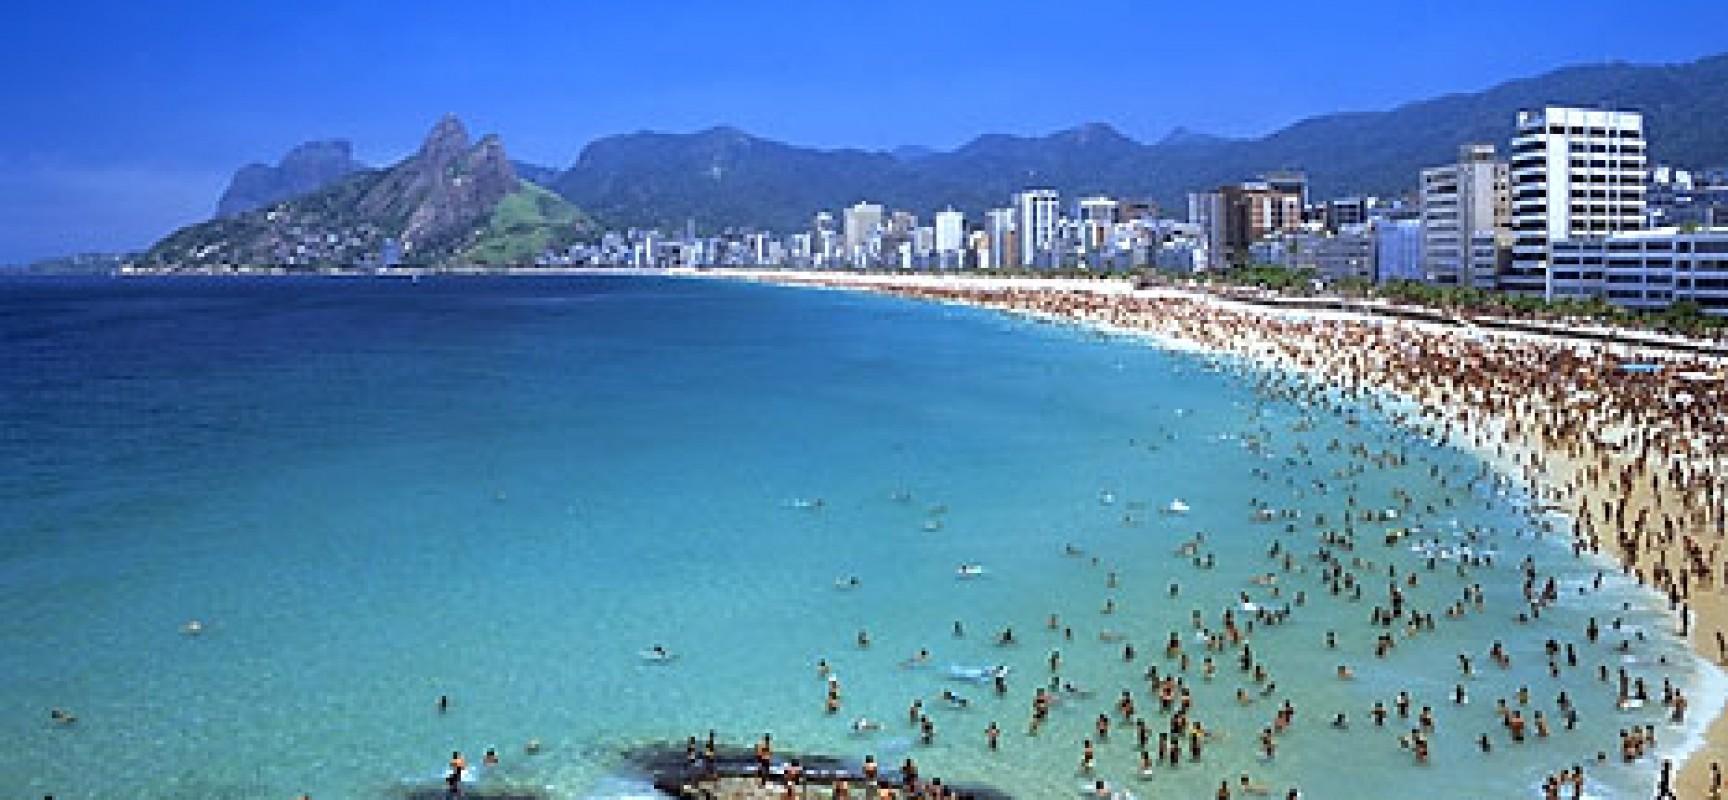 Ipanema Beach Beautiful Place In Rio De Janeiro Brazil